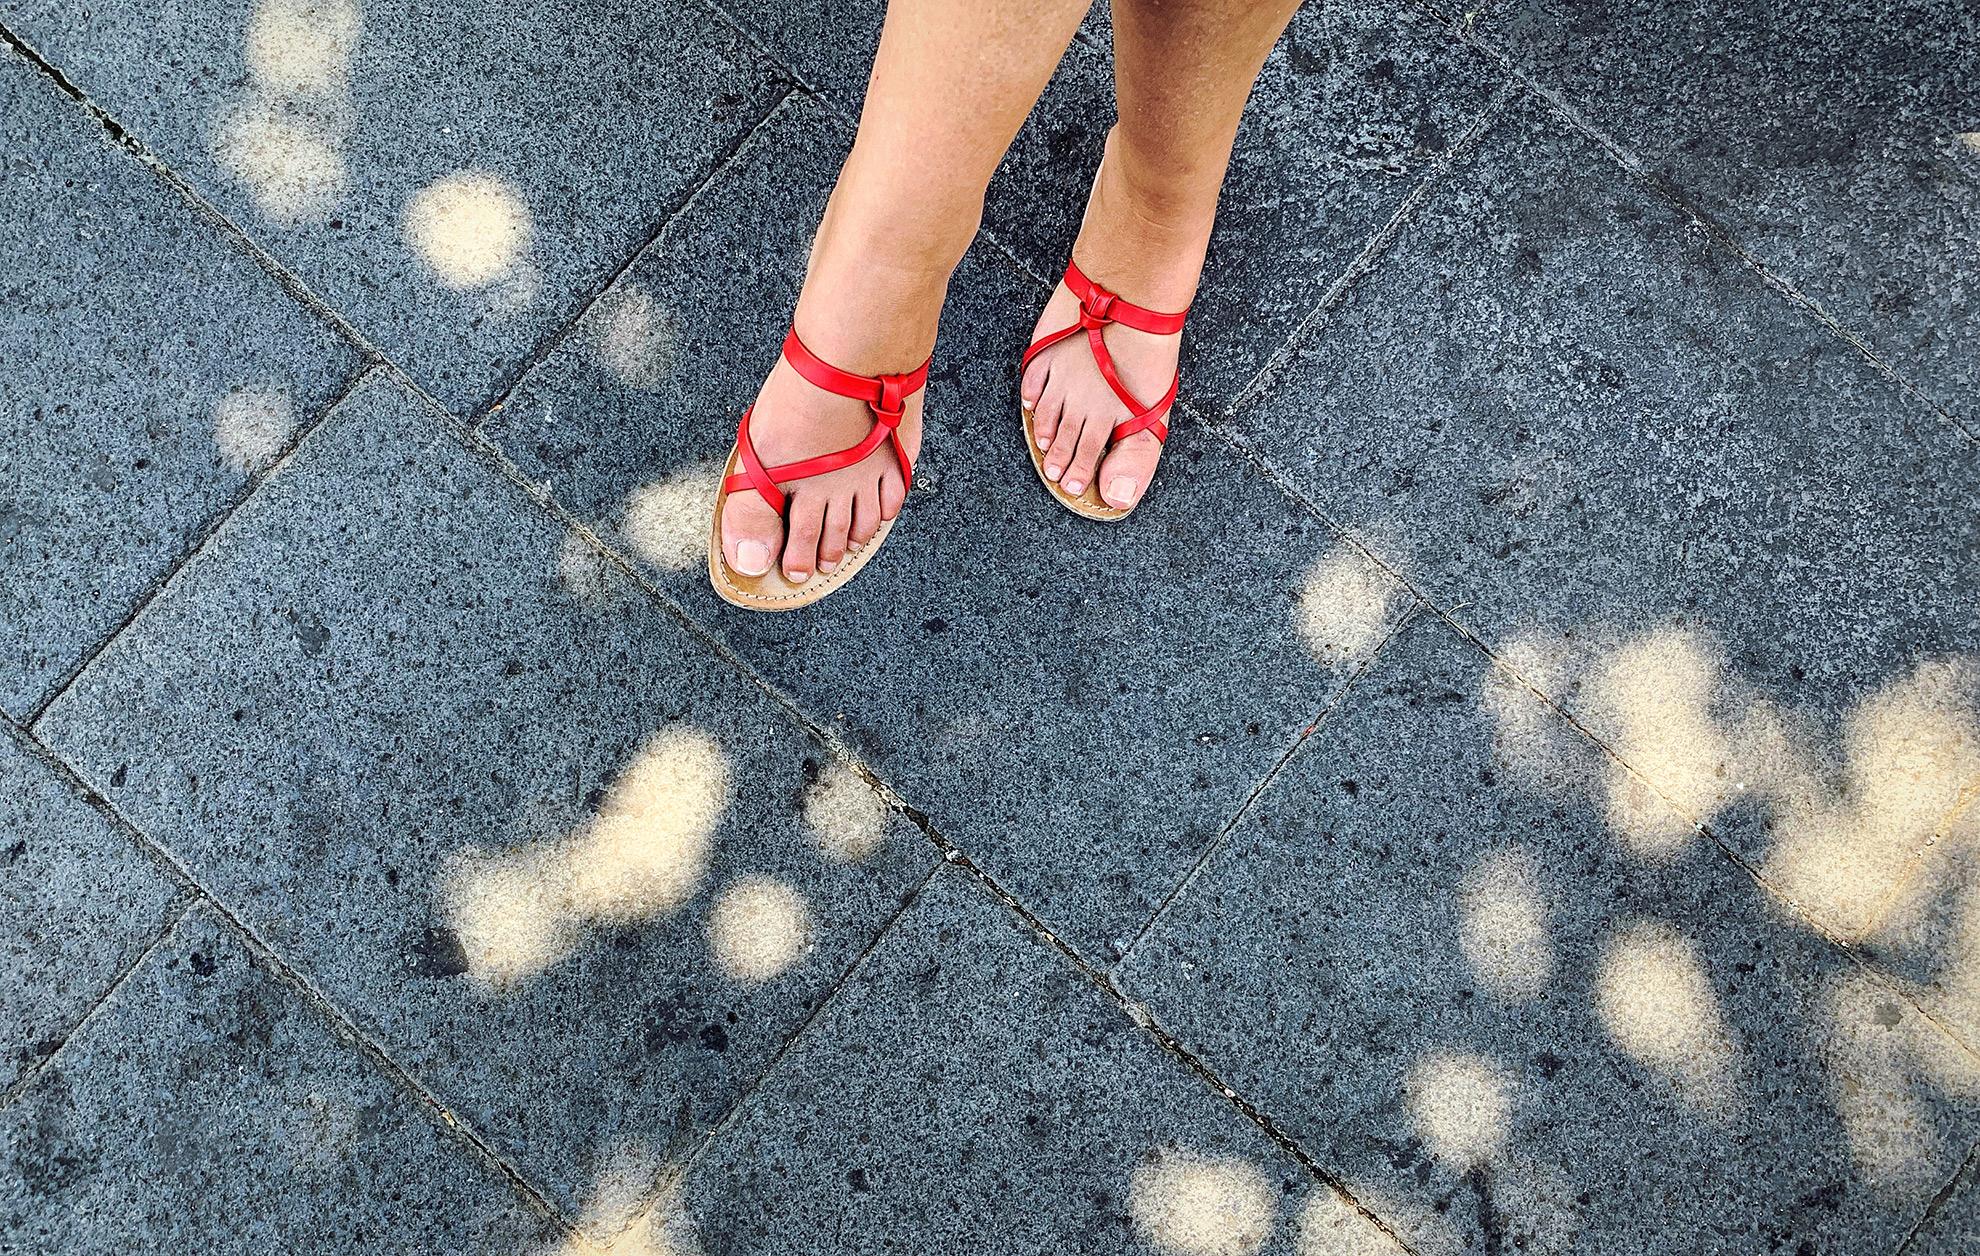 Czerwone sandały, ilustracja o sandałach w kolorze czerwonym do sukienek